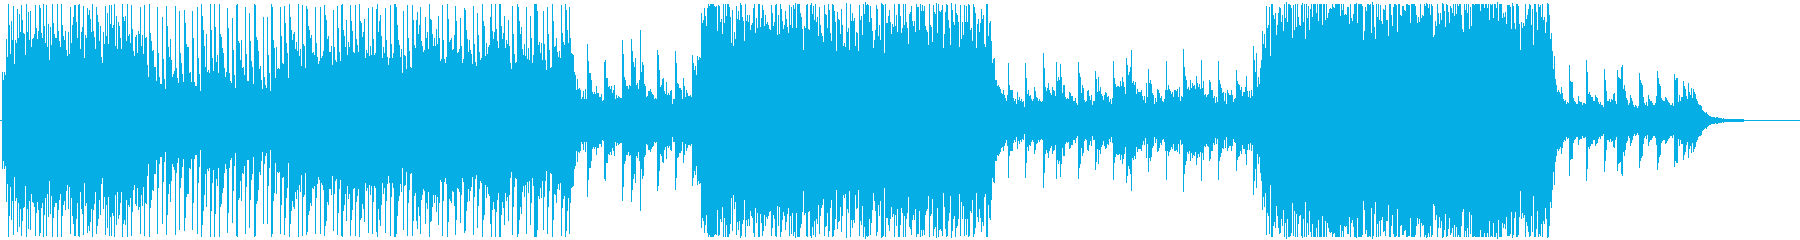 キラキラした暖かく優しいチルアウトBGMの再生済みの波形